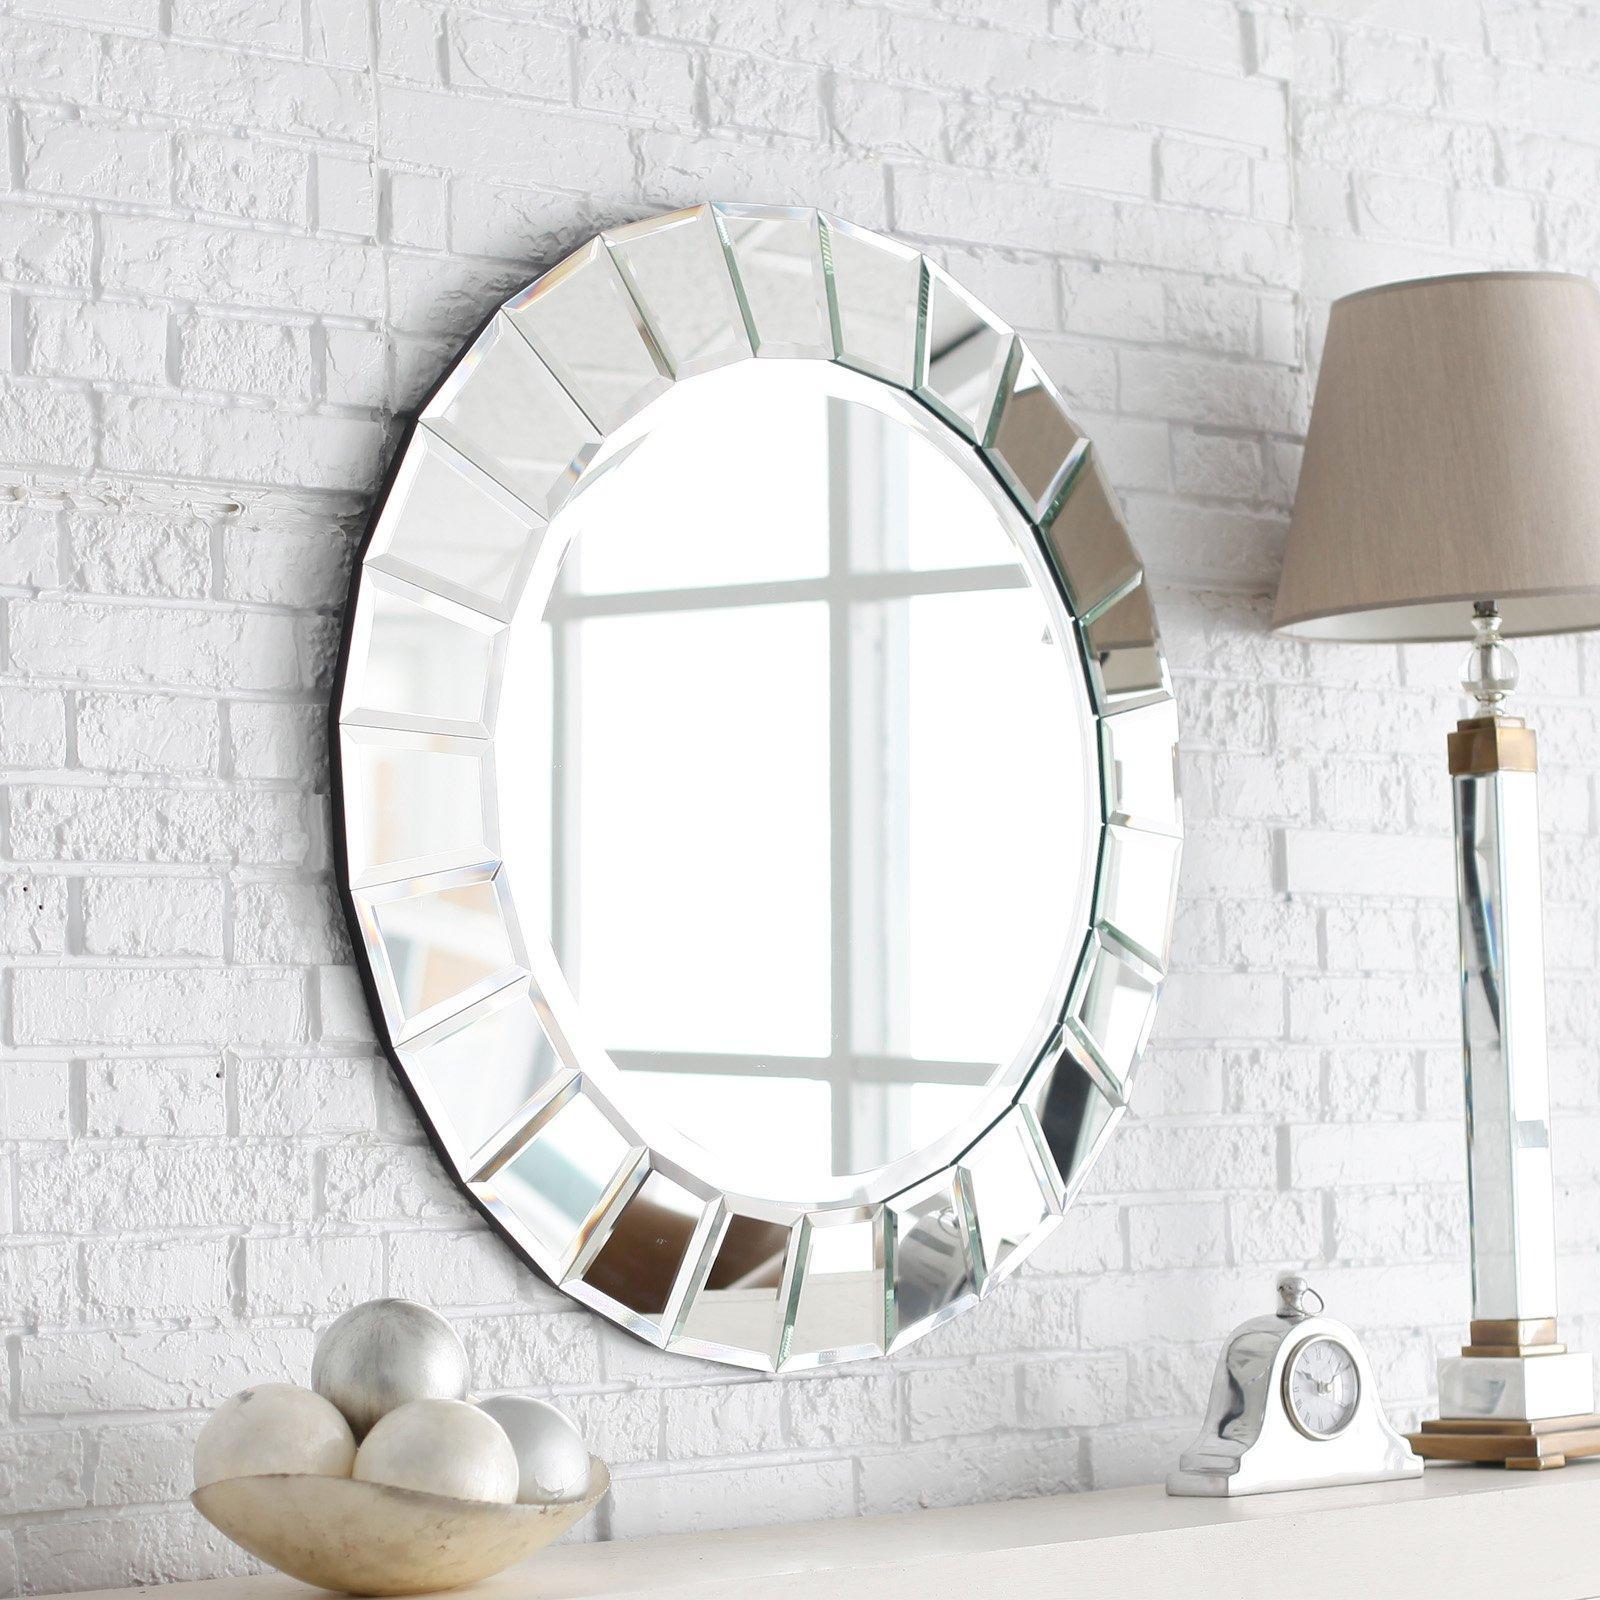 60 Espelhos Bisotados Na Decora 231 227 O Ideias E Fotos